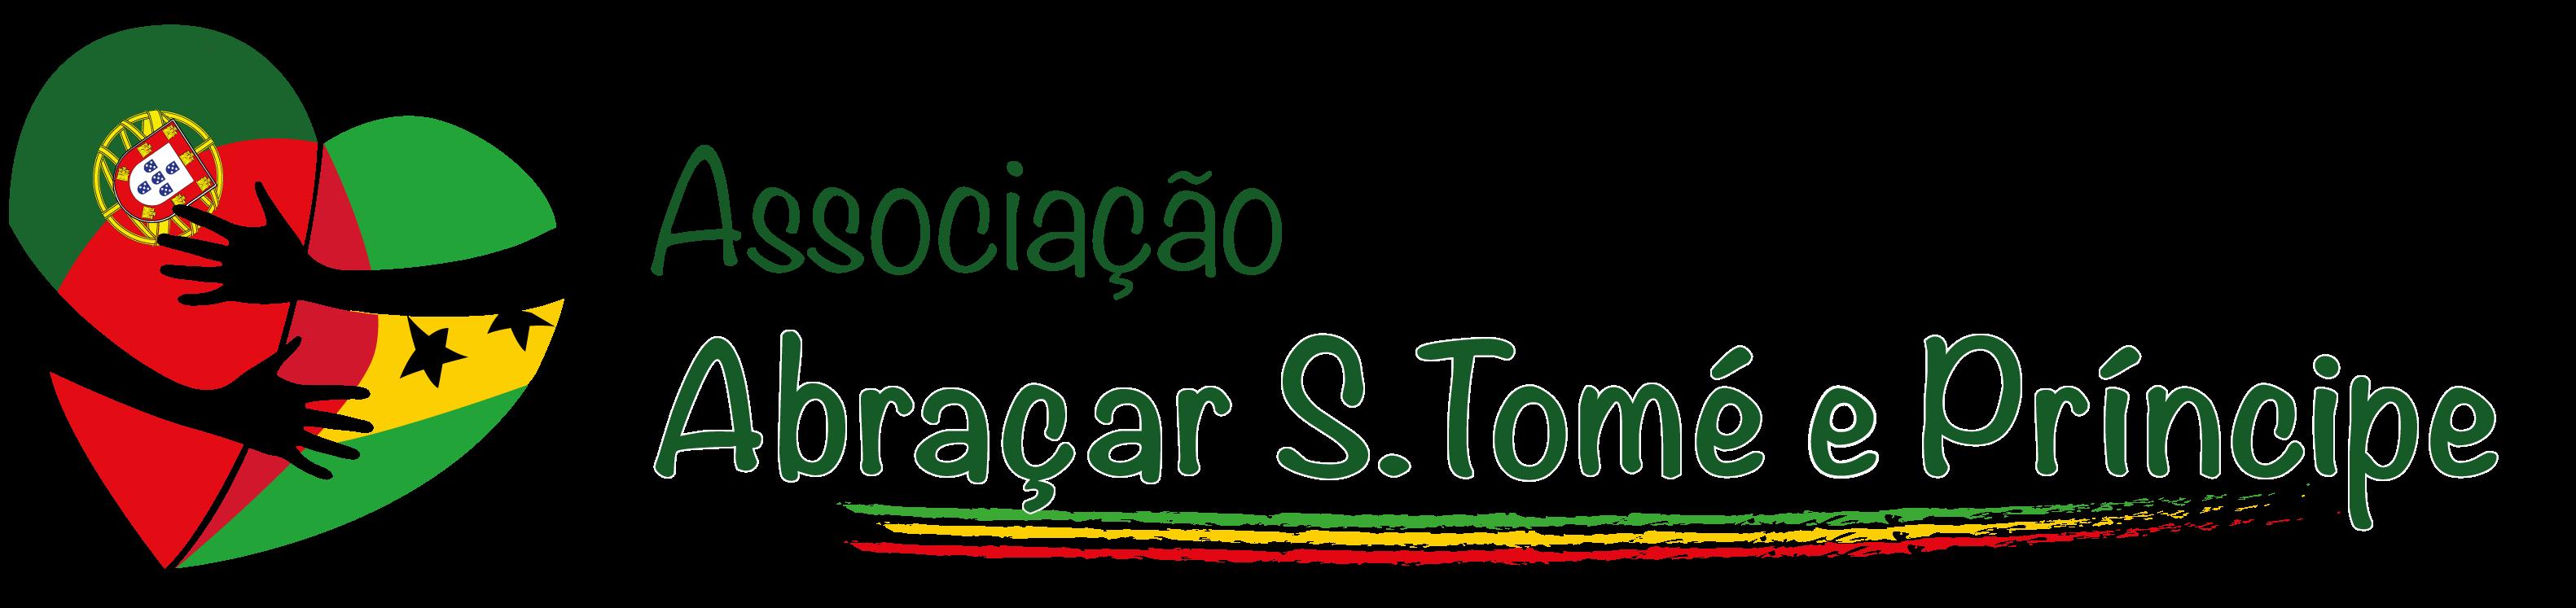 Associação Abraçar São Tomé e Principe